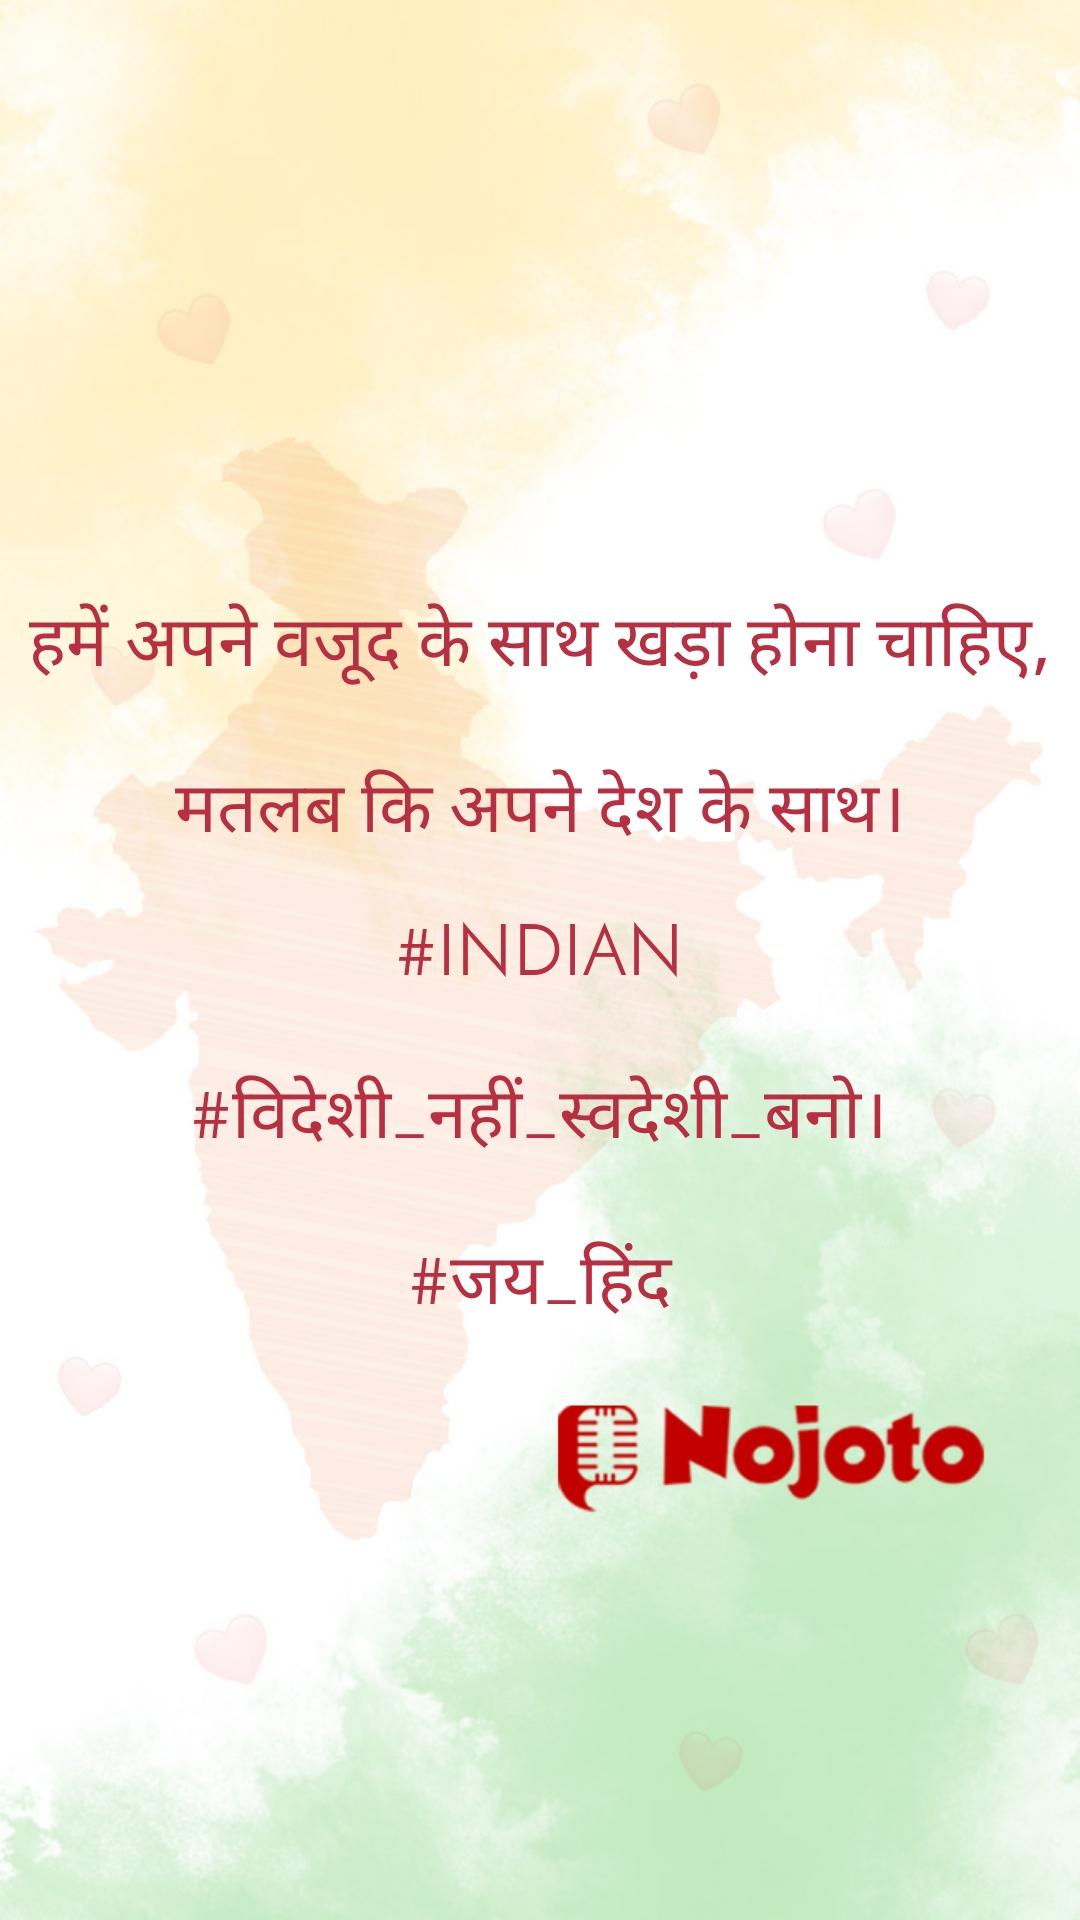 हमें अपने वजूद के साथ खड़ा होना चाहिए,  मतलब कि अपने देश के साथ।  #INDIAN  #विदेशी_नहीं_स्वदेशी_बनो।  #जय_हिंद